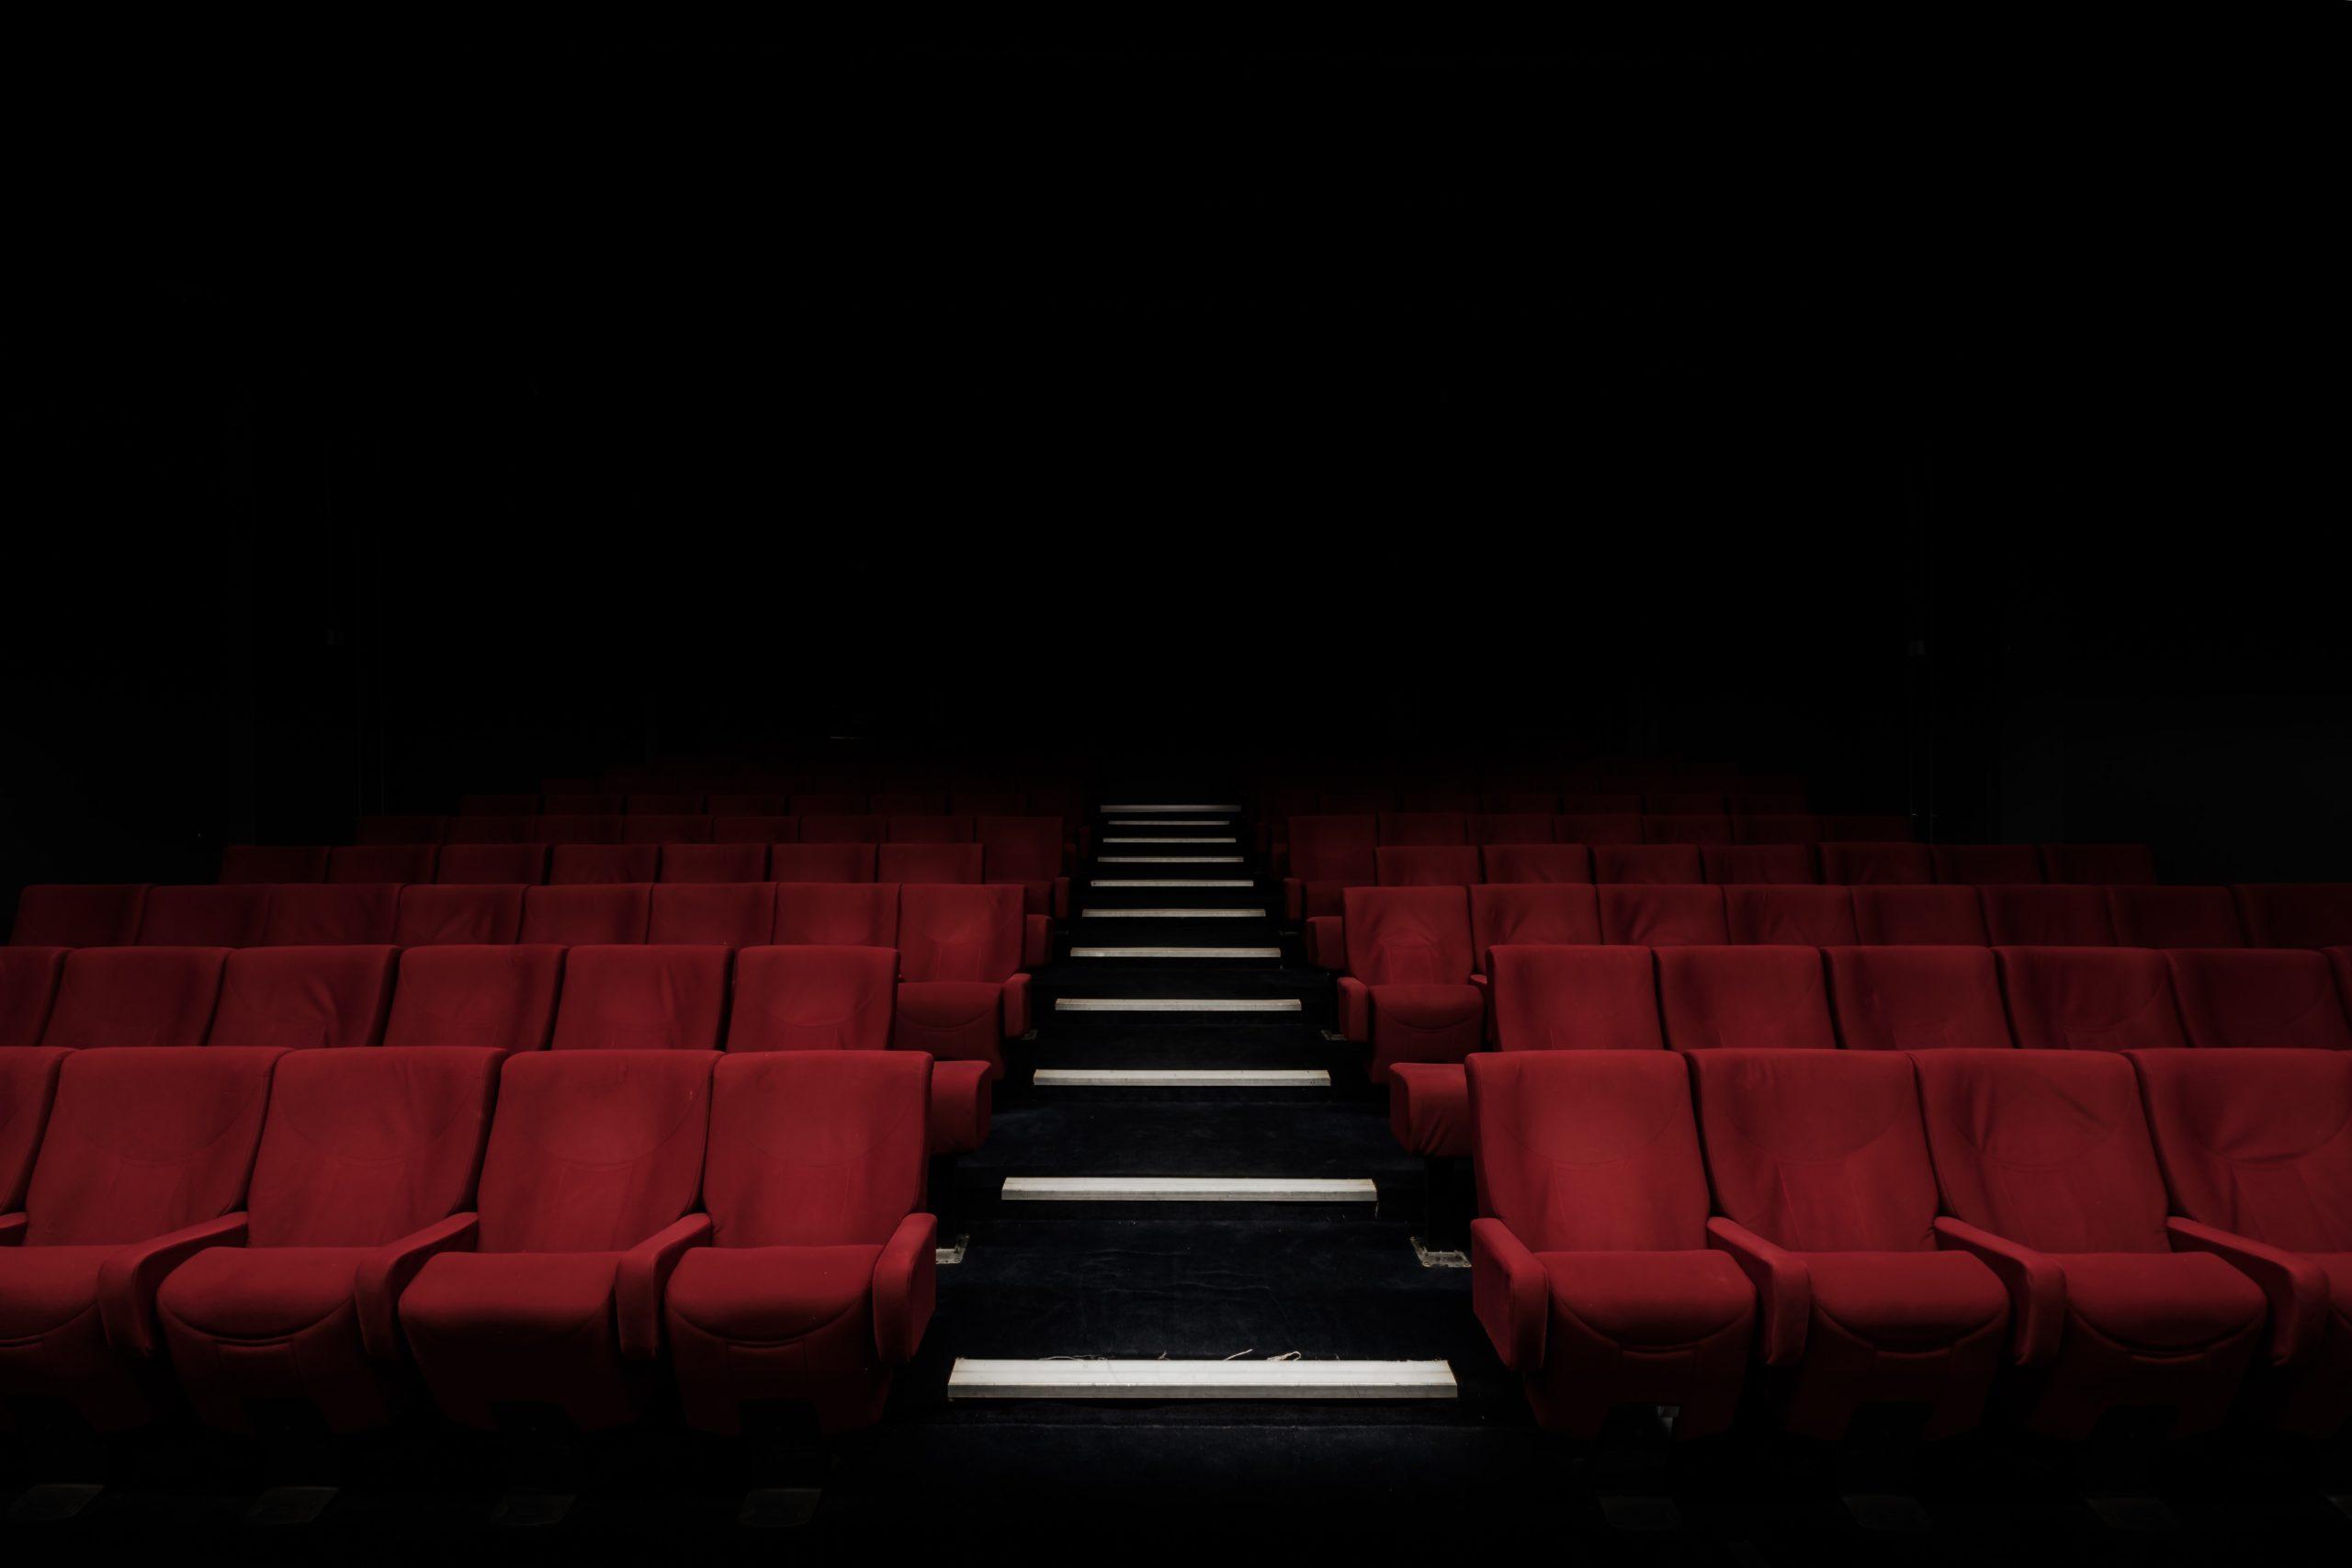 【神映画】オタクの日向坂46ドキュメンタリー映画「3年目のデビュー」感想・評価・解説(ネタバレ無し)